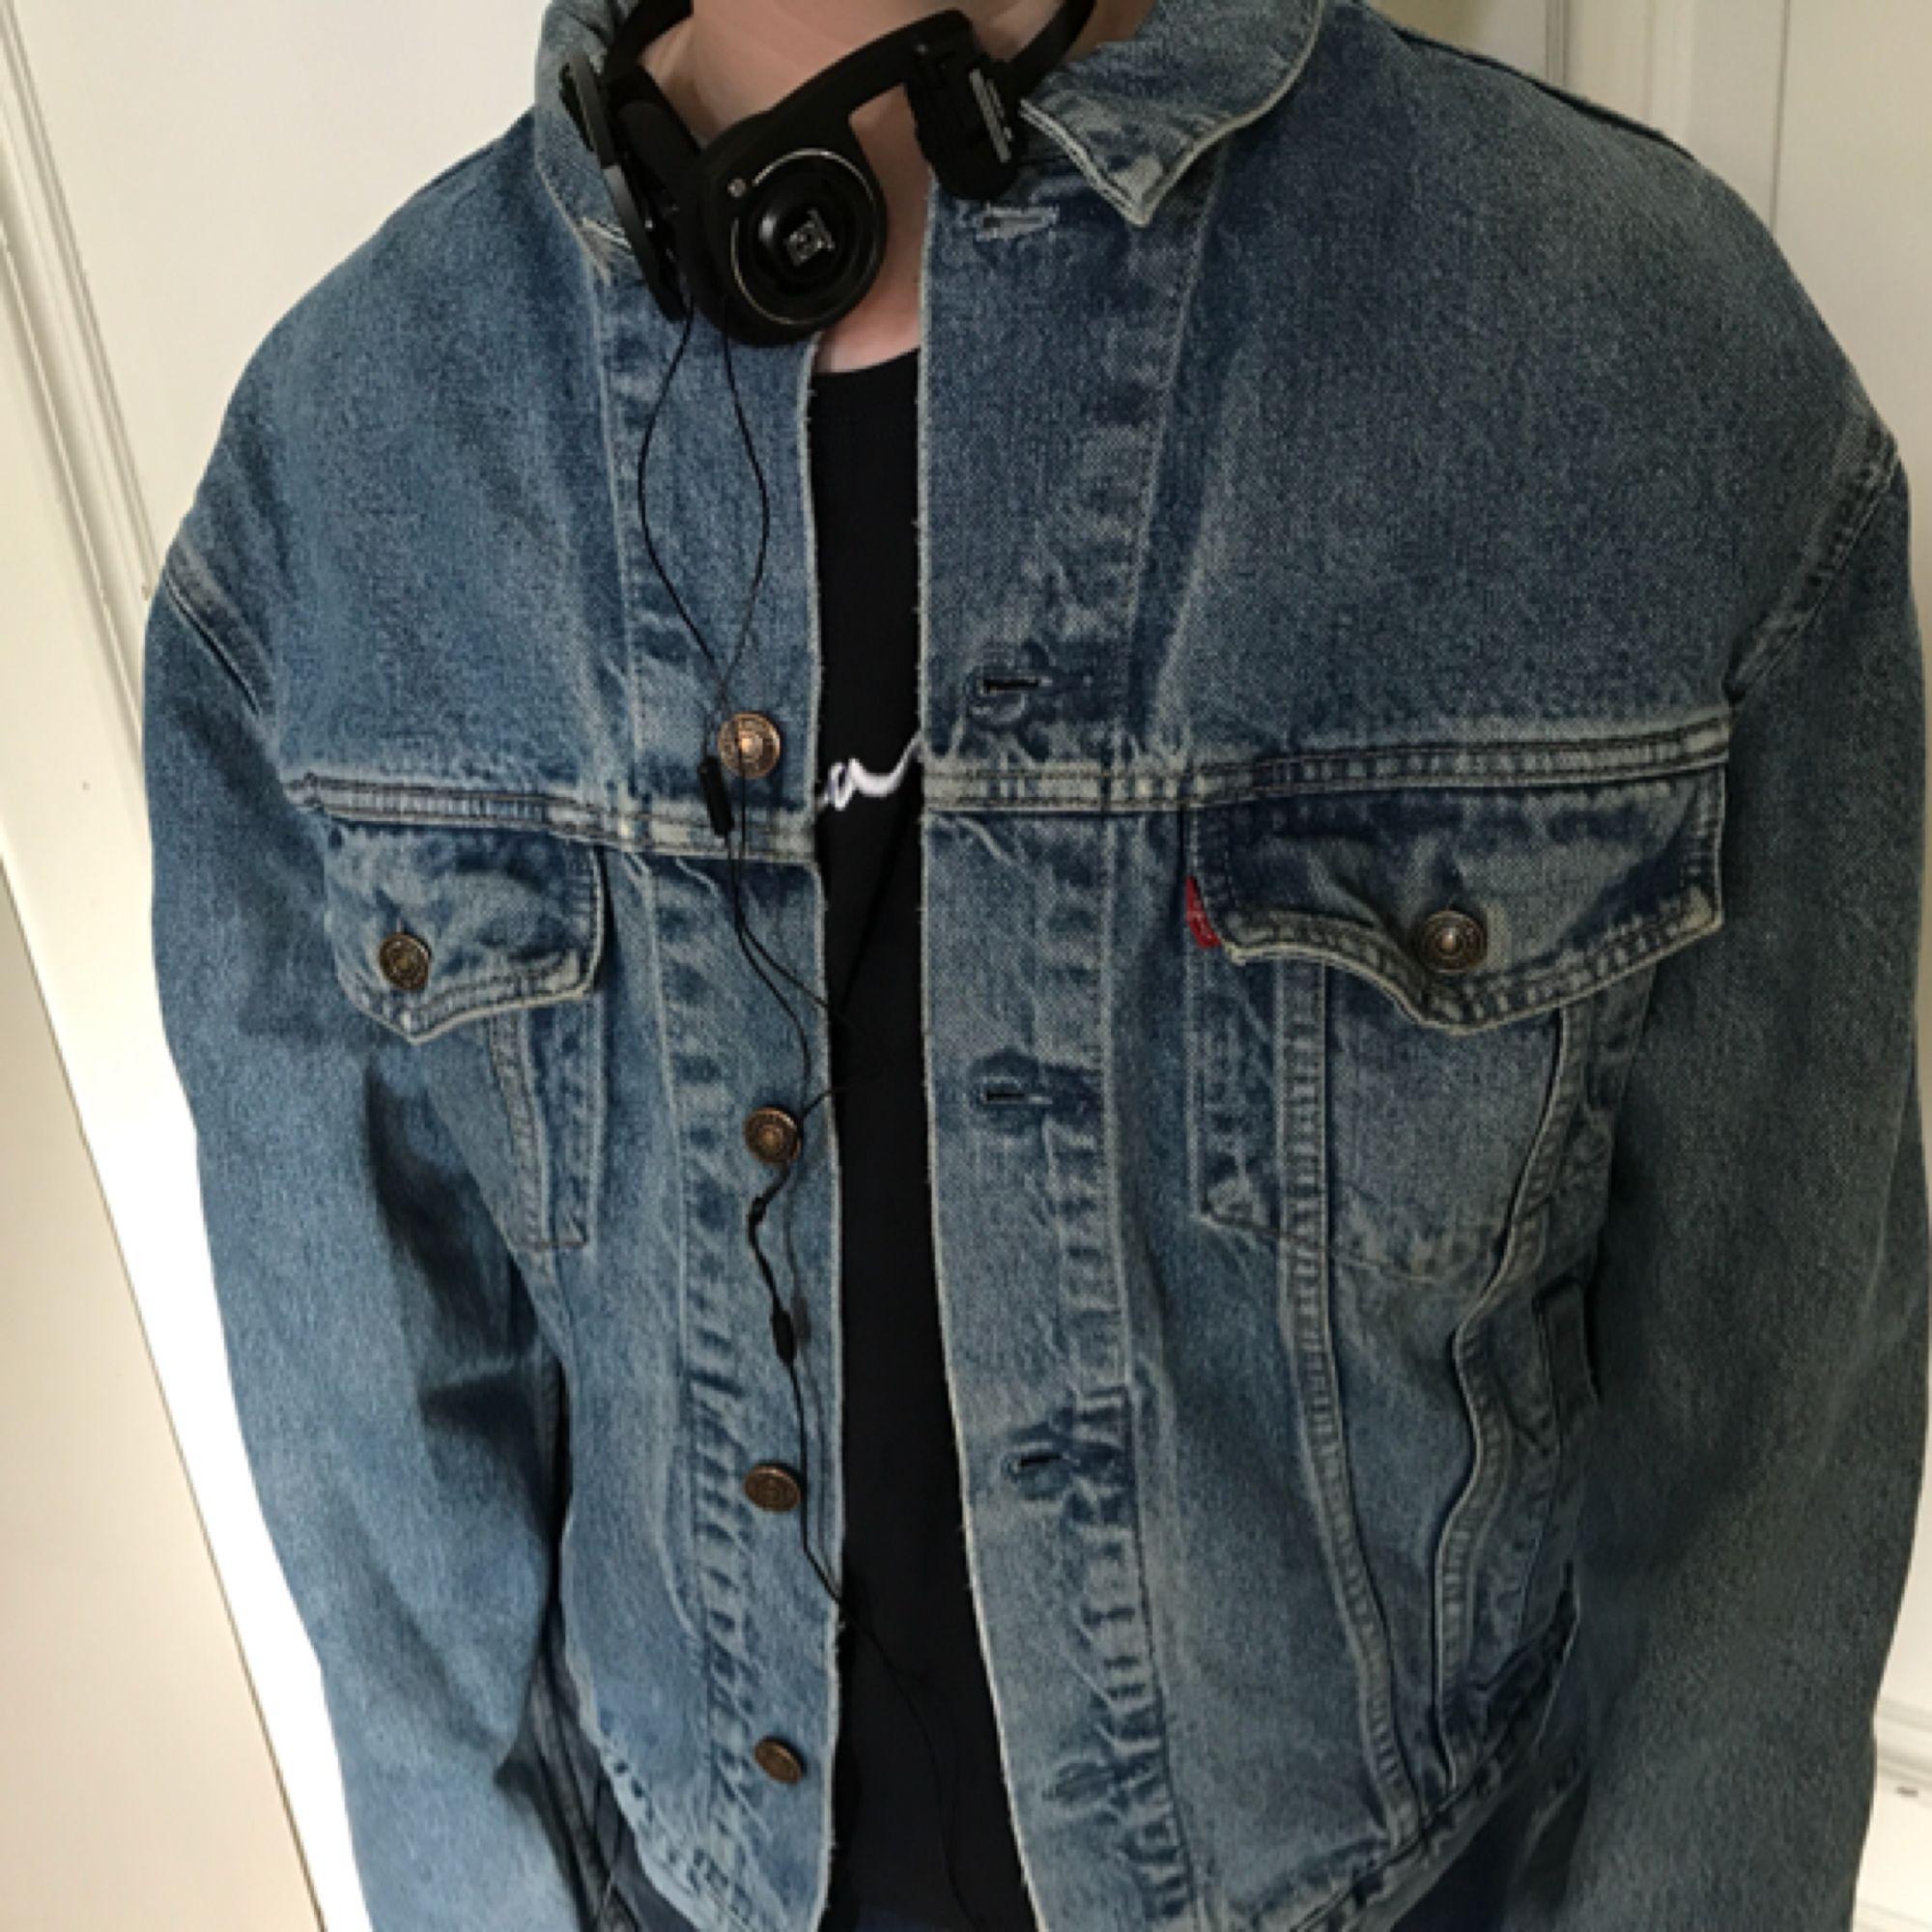 14b9db9938ff Vintage 80-tals jeansjacka från Levis. 70503. Trevligt slitet skick.